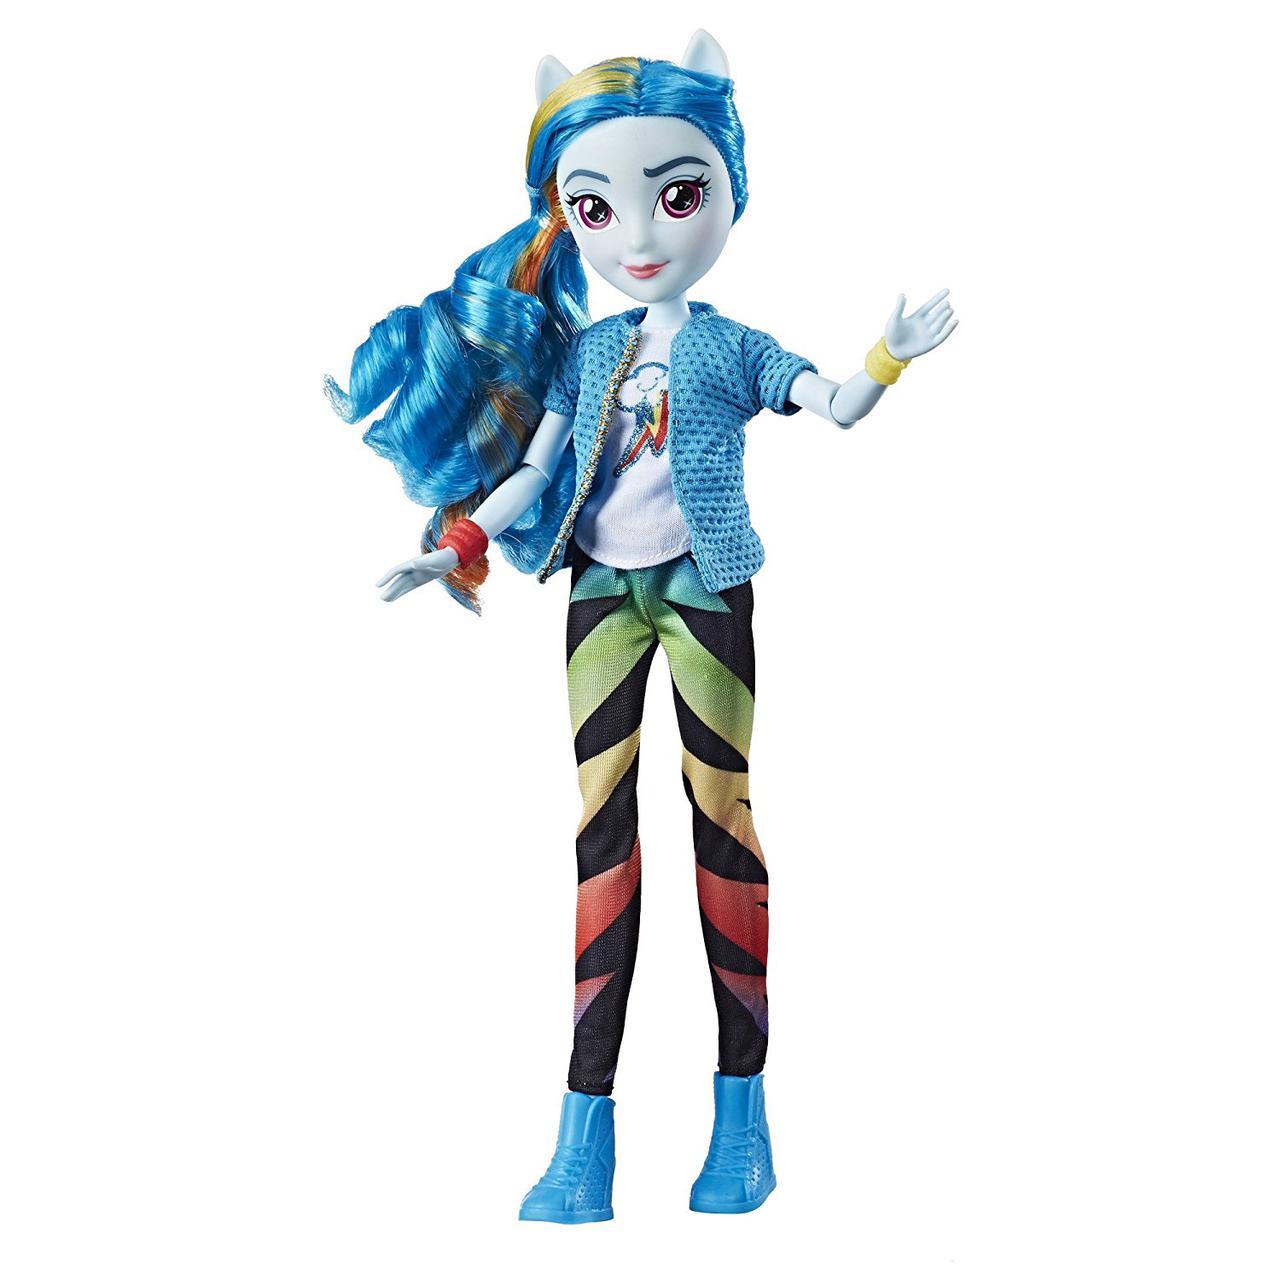 Кукла Рэйнбоу Дэш Классический стиль Май Литтл пони моя маленькая пони